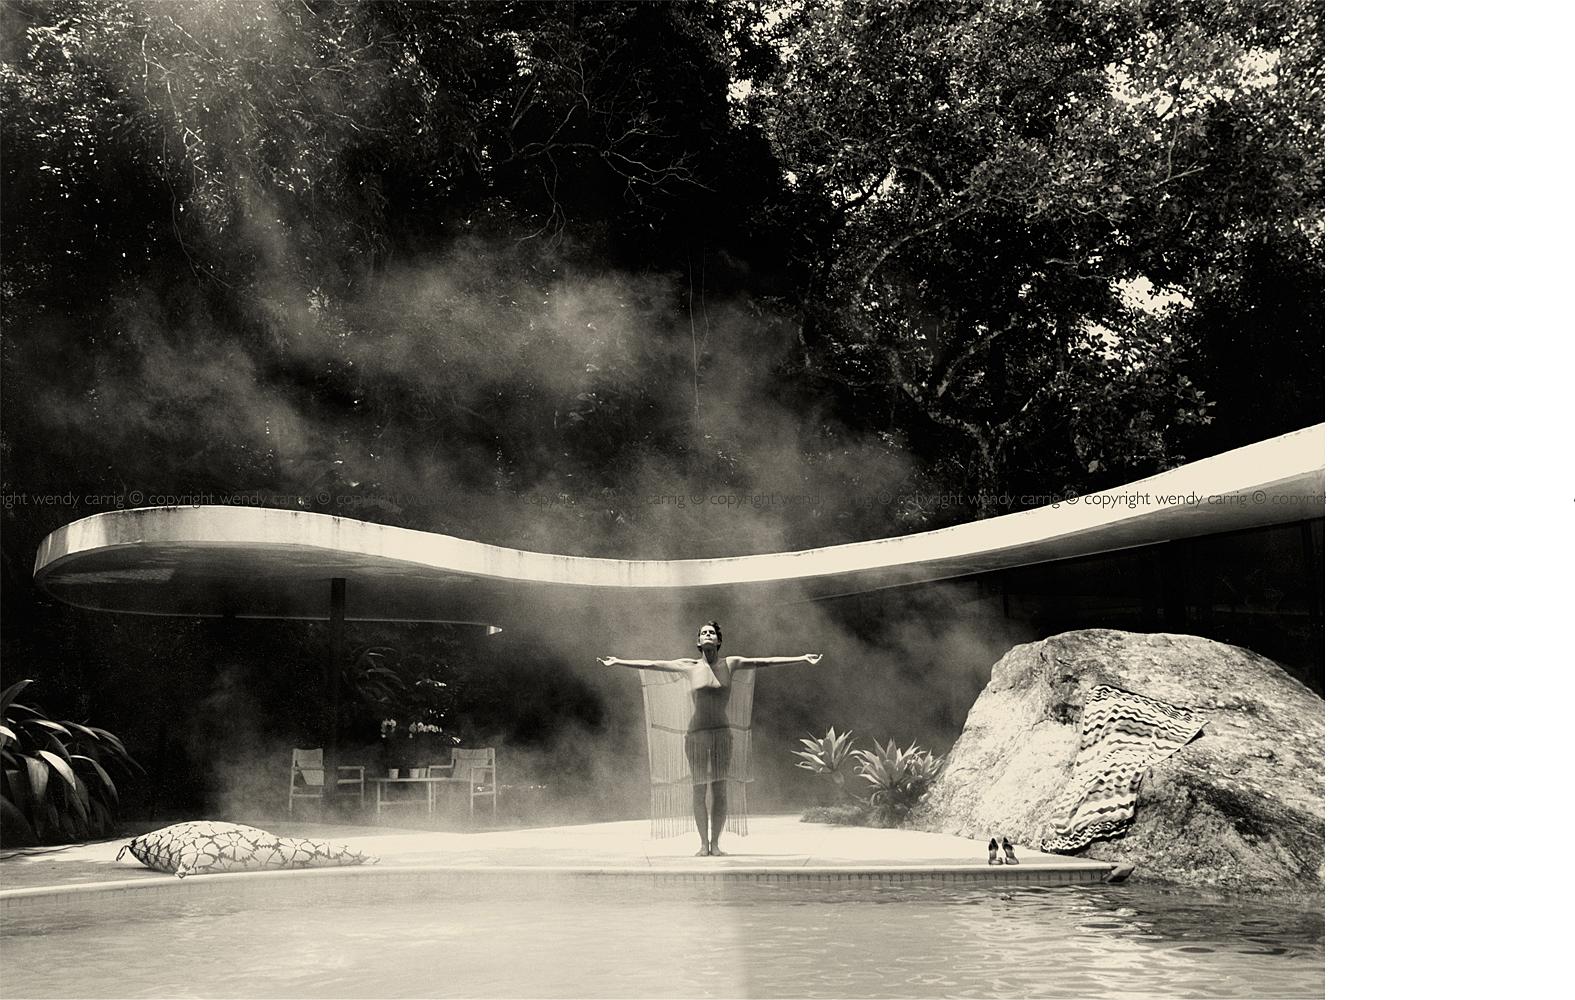 brenda costa model, oscar niemeyer house, rio de janeiro, brazil, photography © copyright wendy carrig